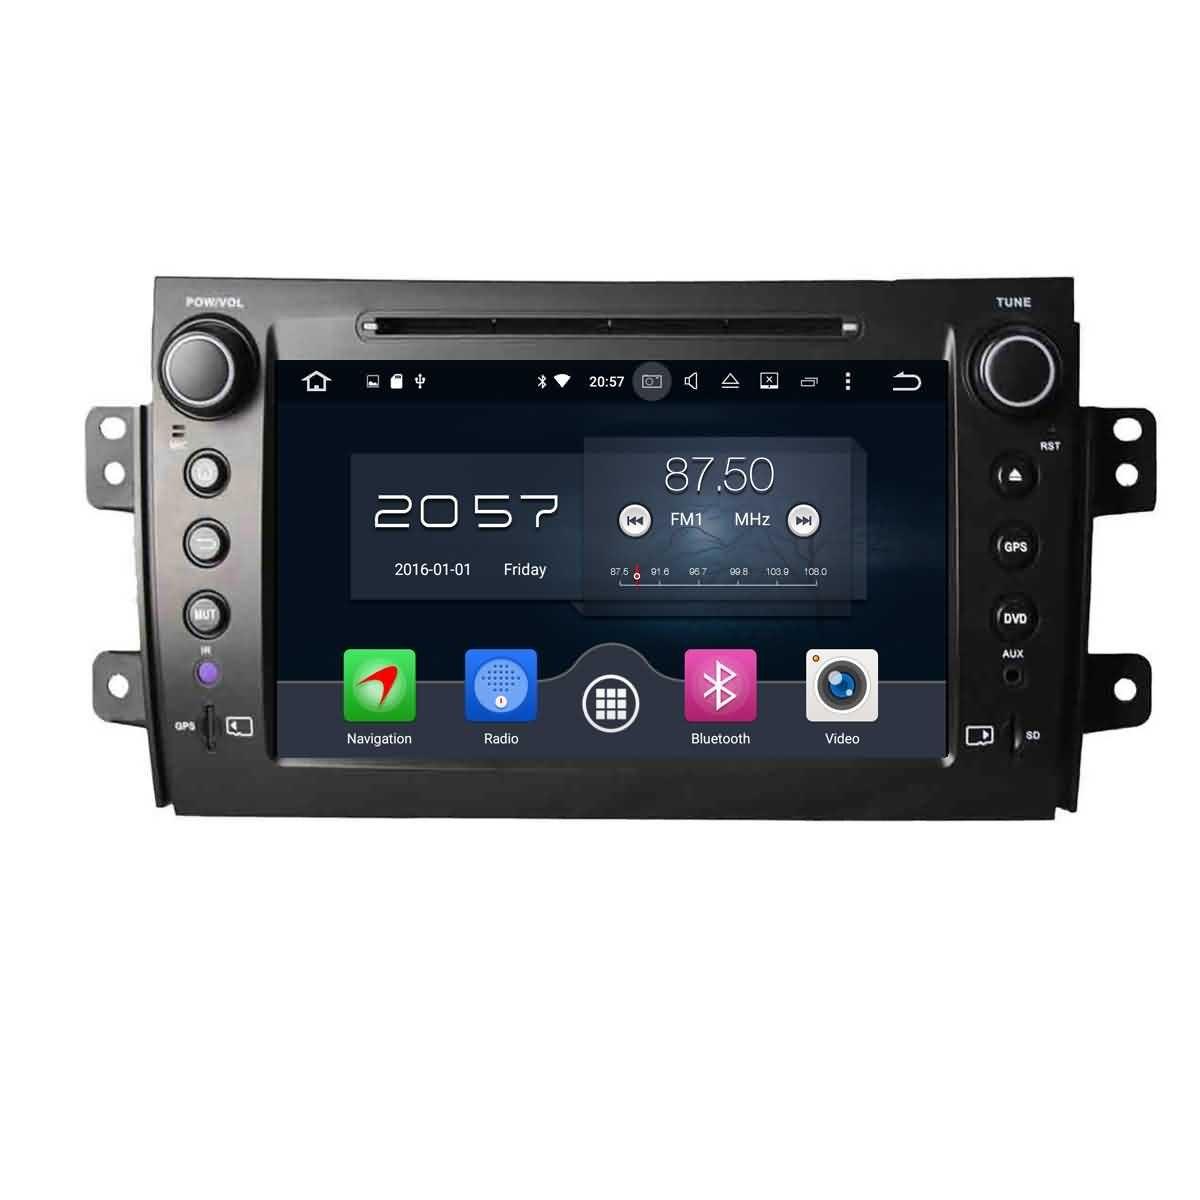 2 Din 8 pouces Android 6.0 OS stéréo de voiture pour Fiat Sedici 2006 2007 2008 2009 2010 2011 2012 2013,DAB+ radio 1024x600 écran tactile capacitif Cortex A53 8 Core 1.5G CPU 2G DDR3 RAM 32G Flash GPS Na